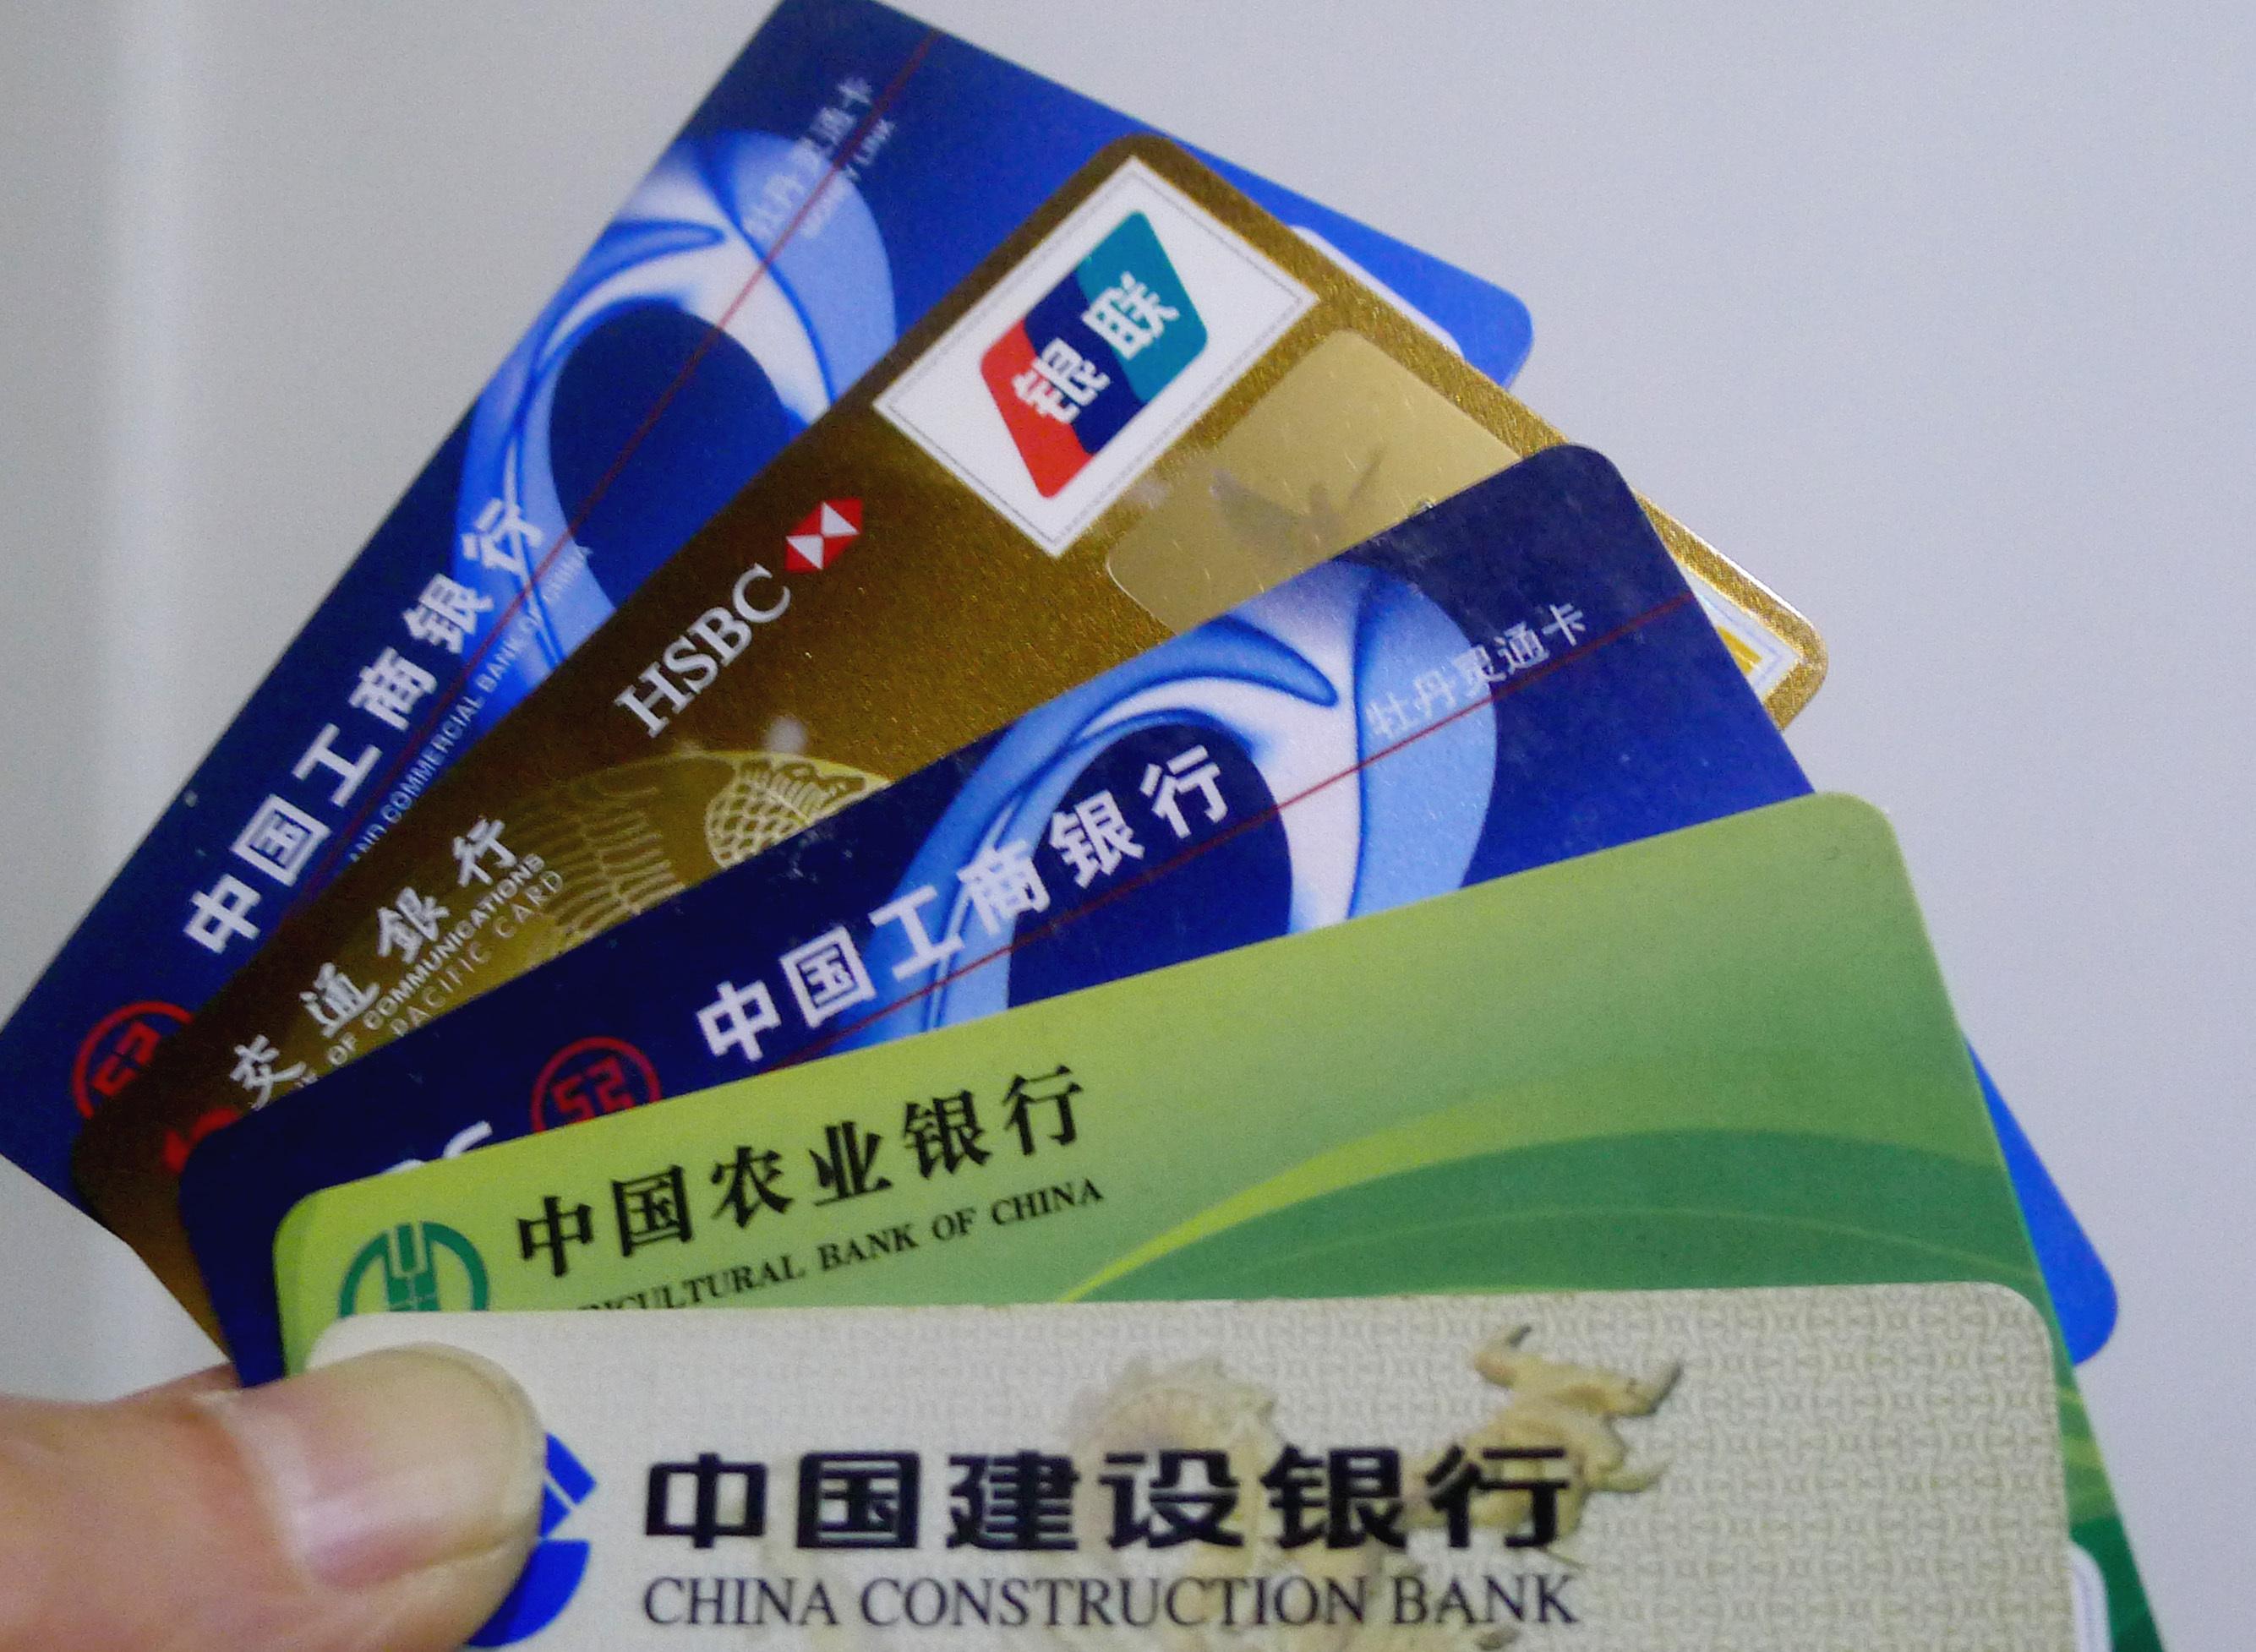 信用卡上门办卡,抓住这下高额卡的好机会!